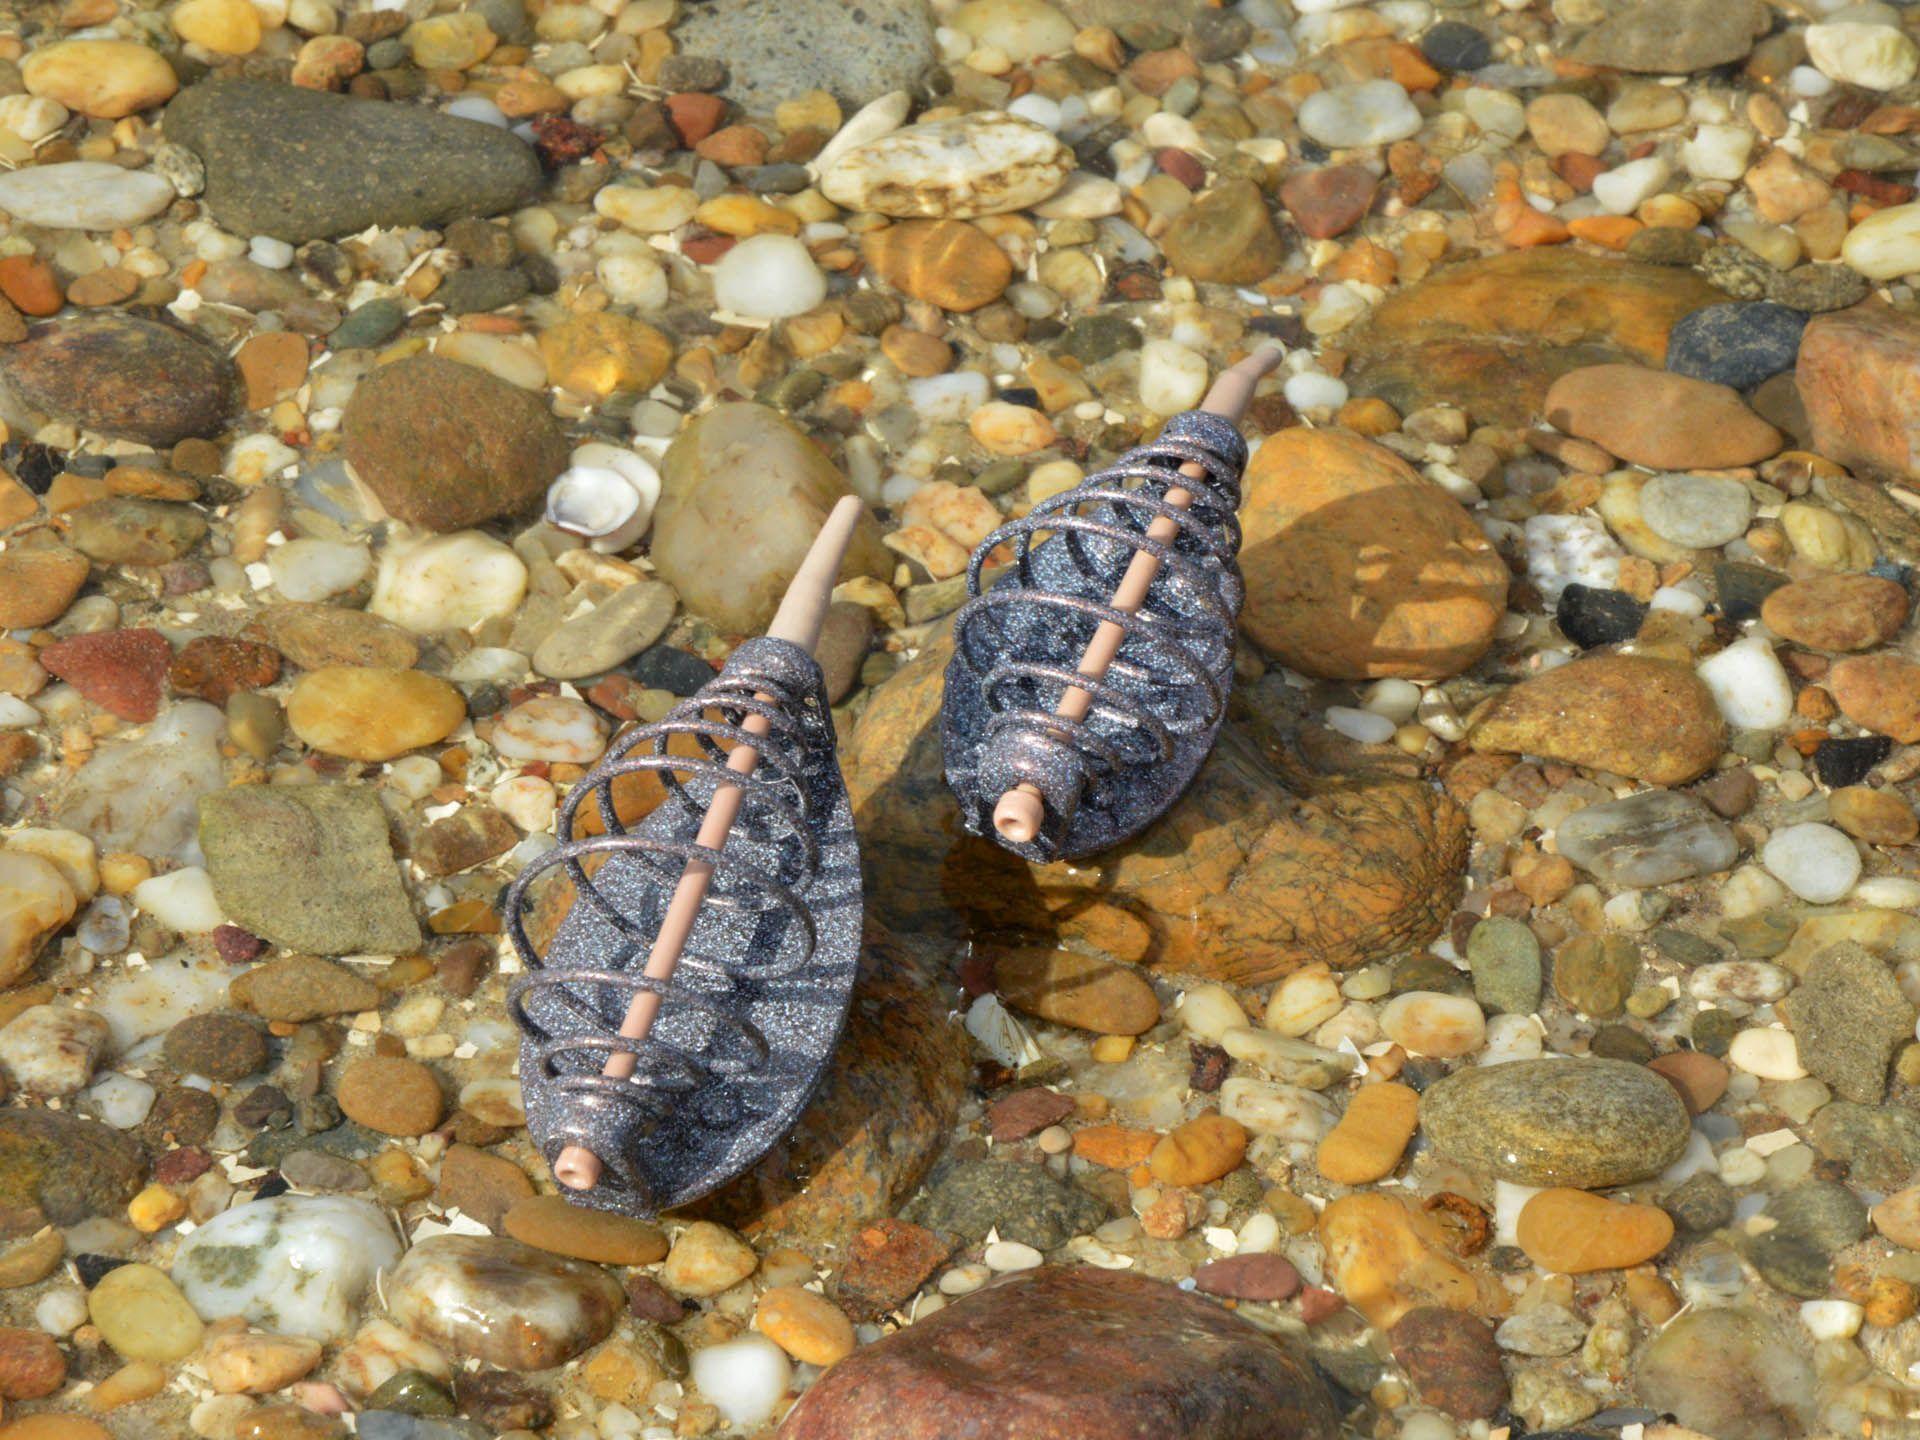 Az 50 és 30 grammos Method River kosarak nem csak tömegükben, hanem méretükben is különböznek